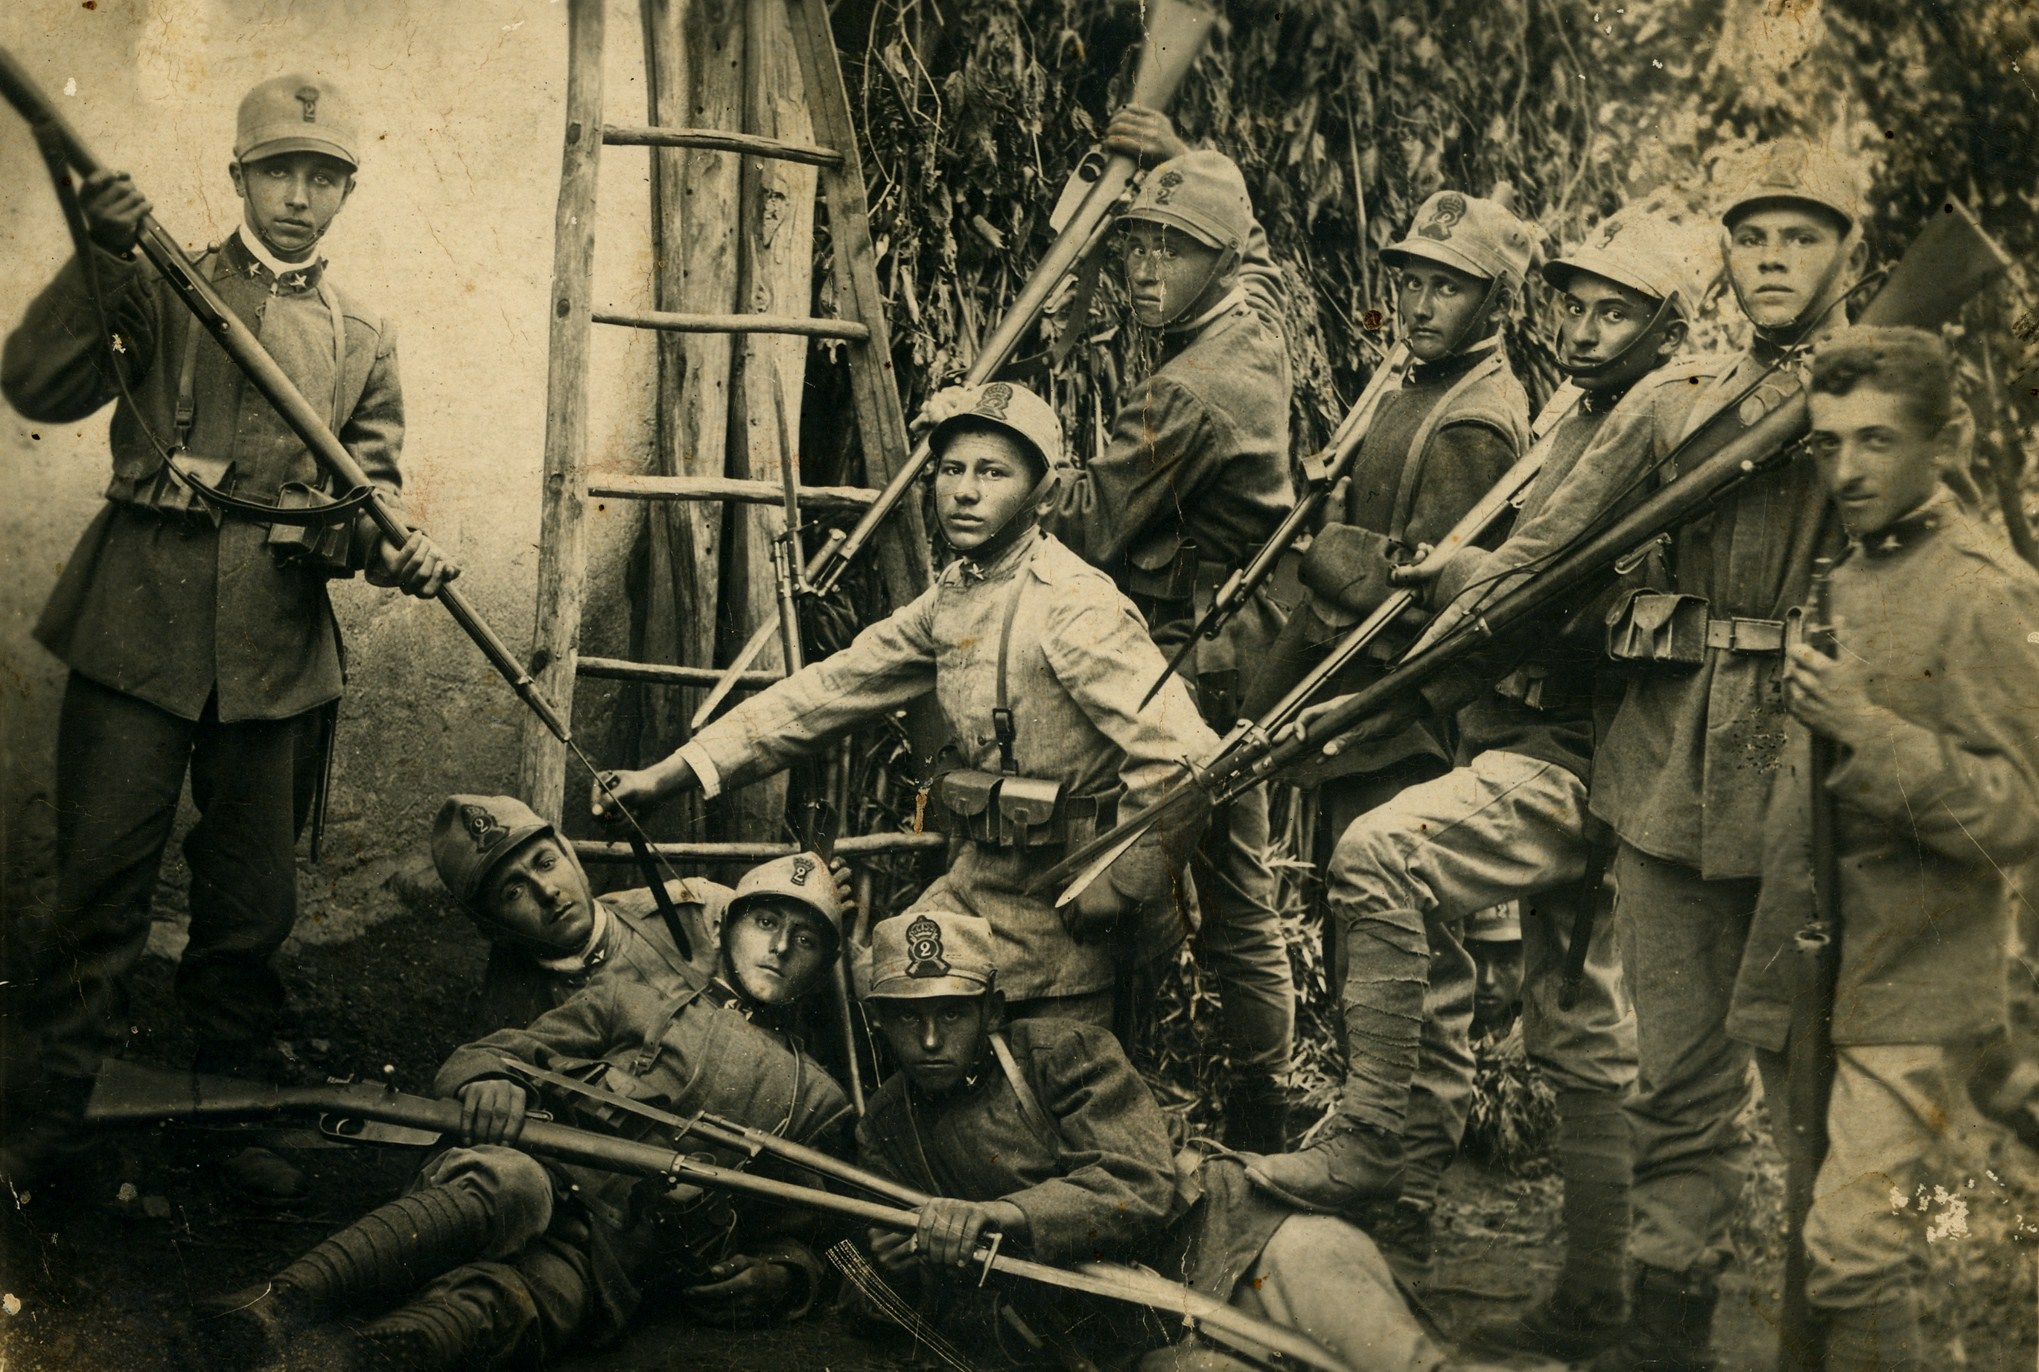 174 - giovanio reclute della Brigata savoia in posa per una foto ricordo - Copia.JPG